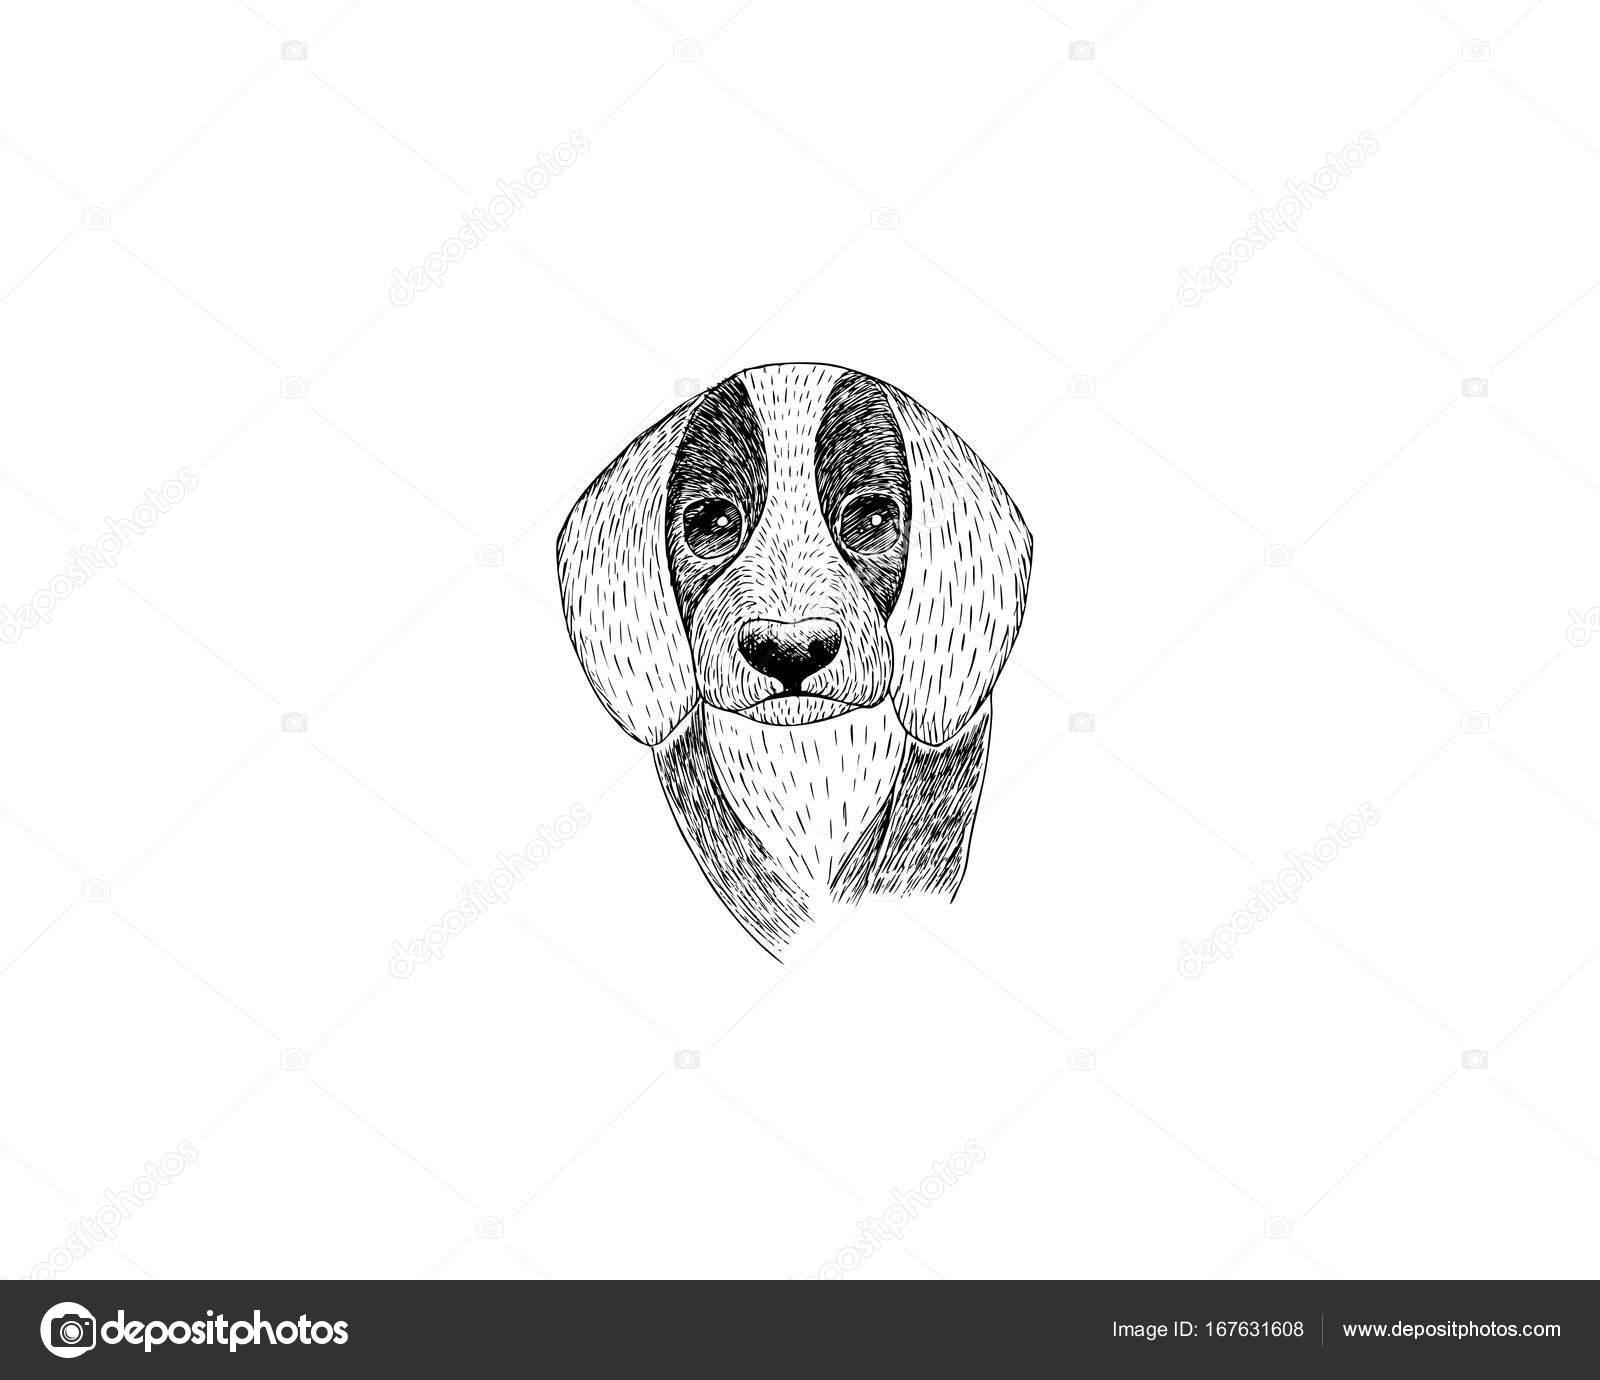 Dibujos A Carboncillo Para Imprimir Dibujo Ilustración De Beagle